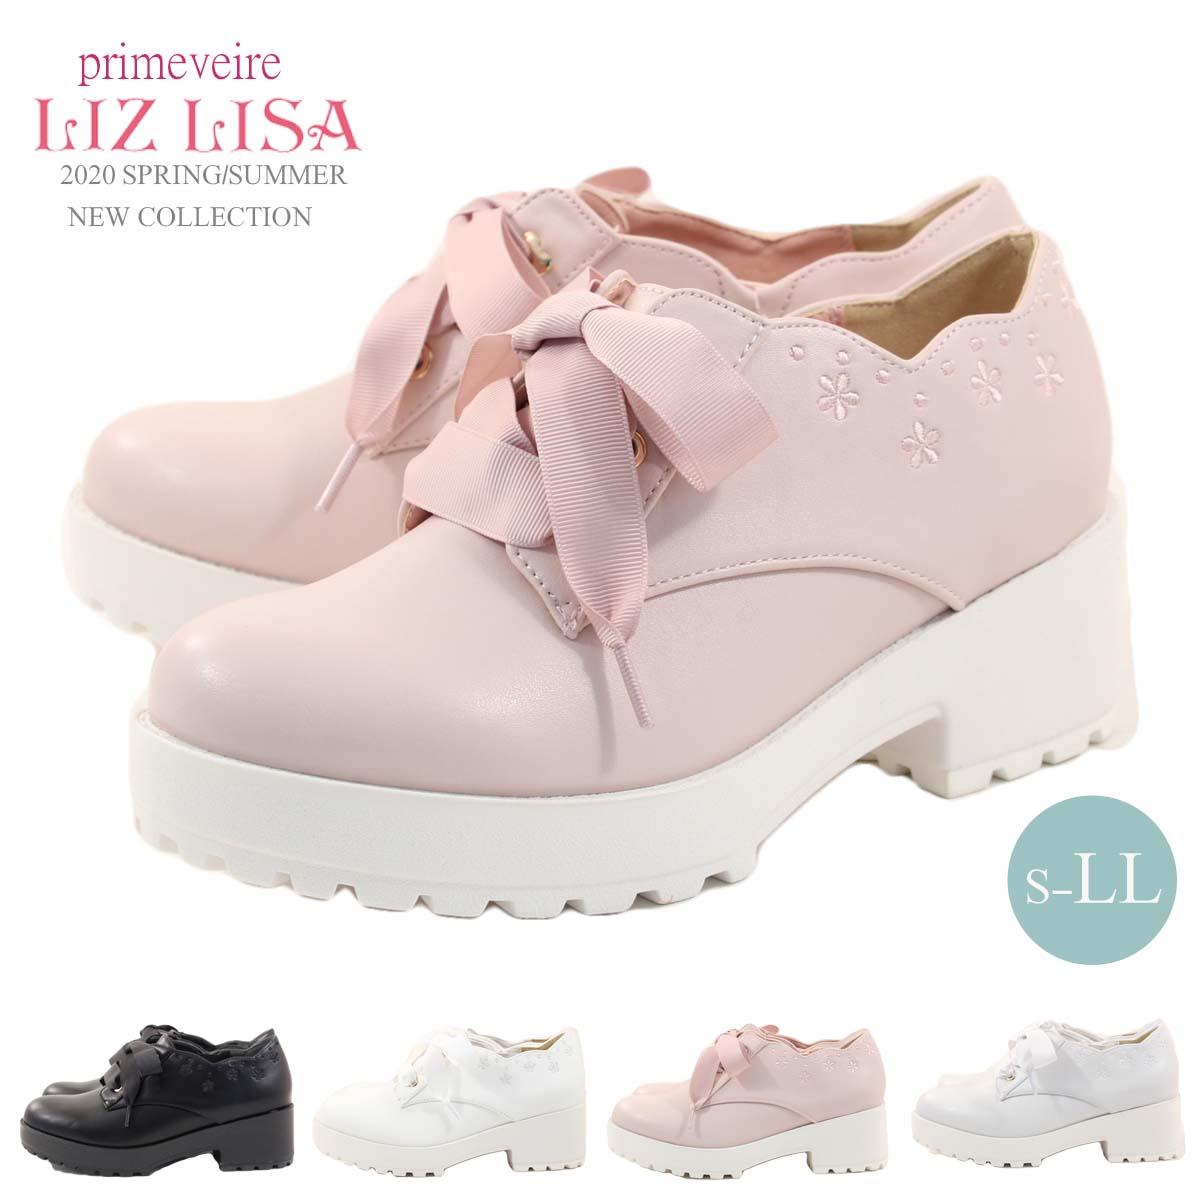 レディース靴, パンプス primevere LIZ LISA plz2013-2